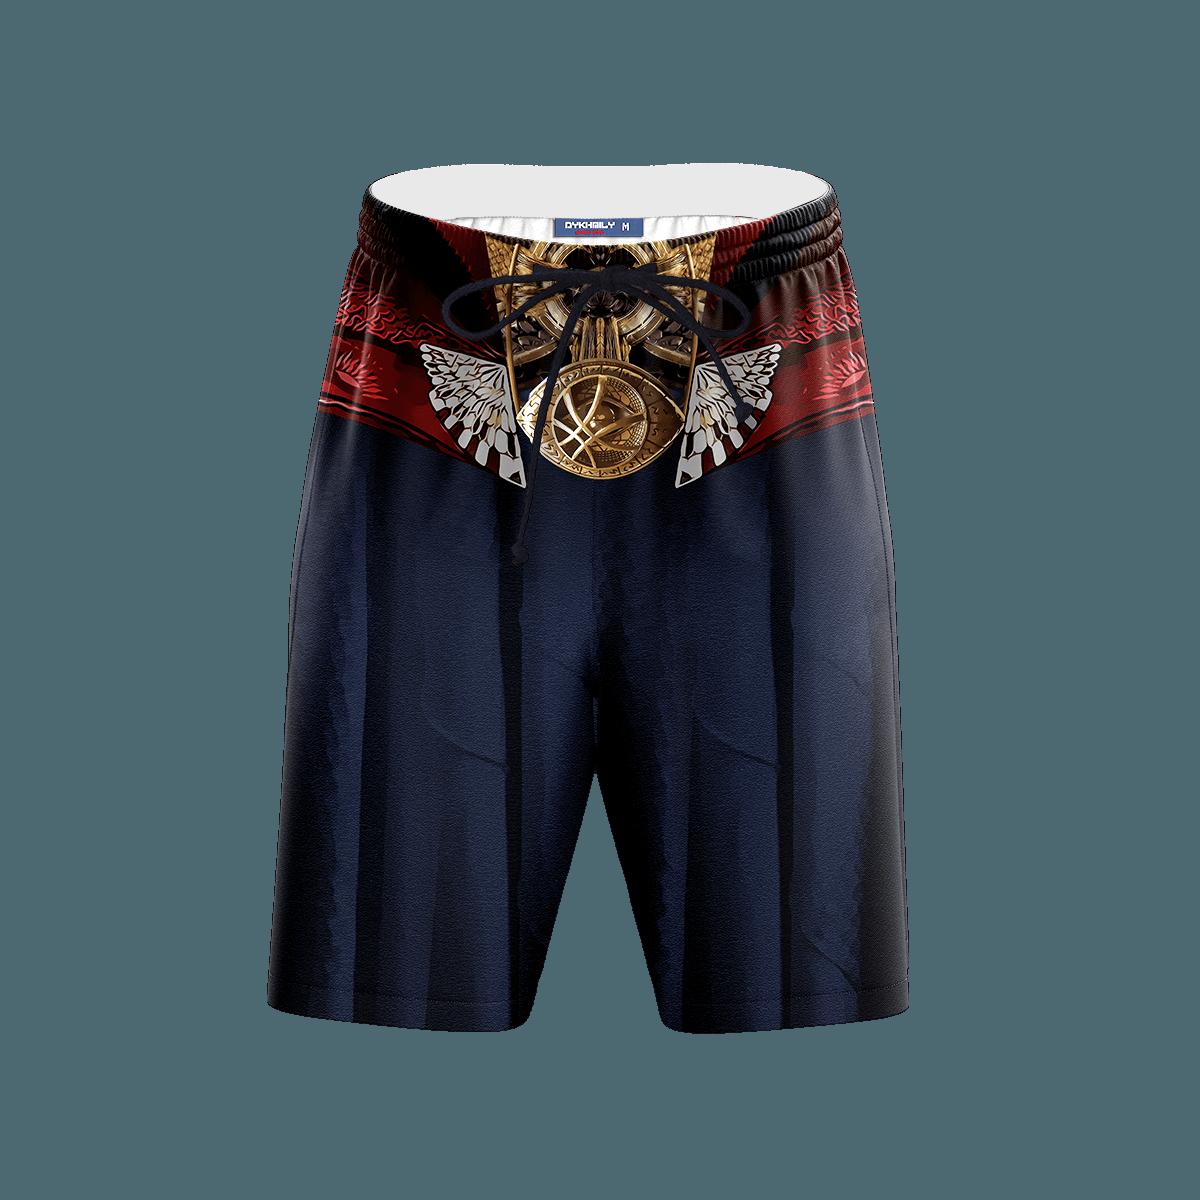 Doctor Strange Beach Shorts FDM3107 S Official Anime Swimsuit Merch